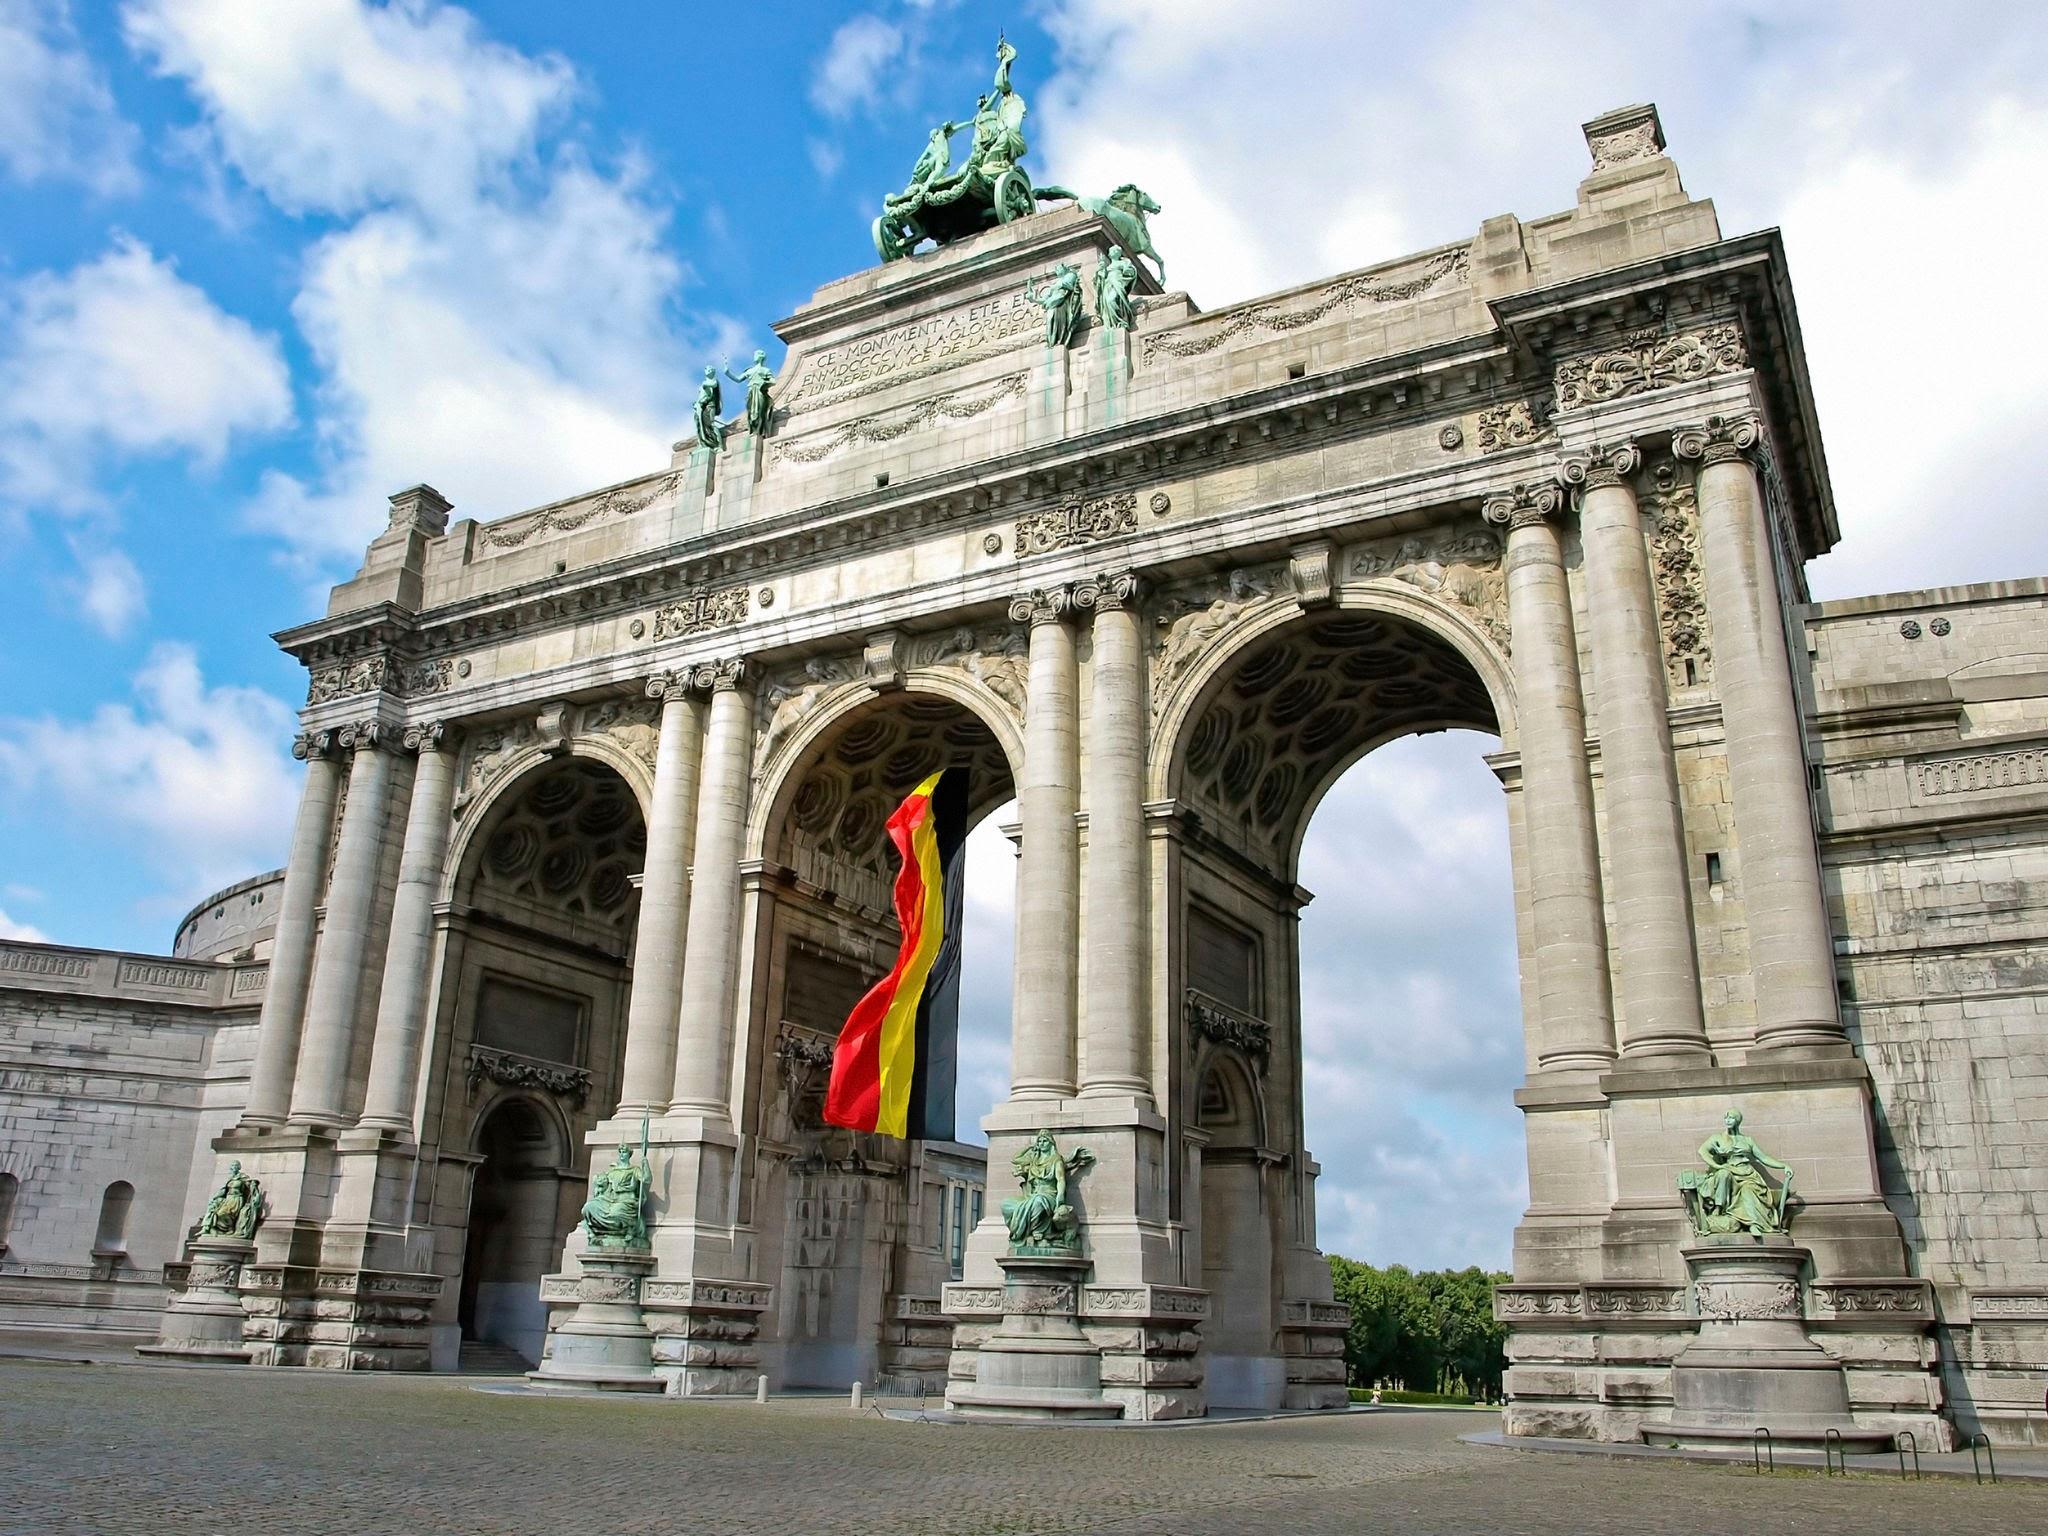 الاماكن السياحية في بروكسل حديقة سينكونت ناير